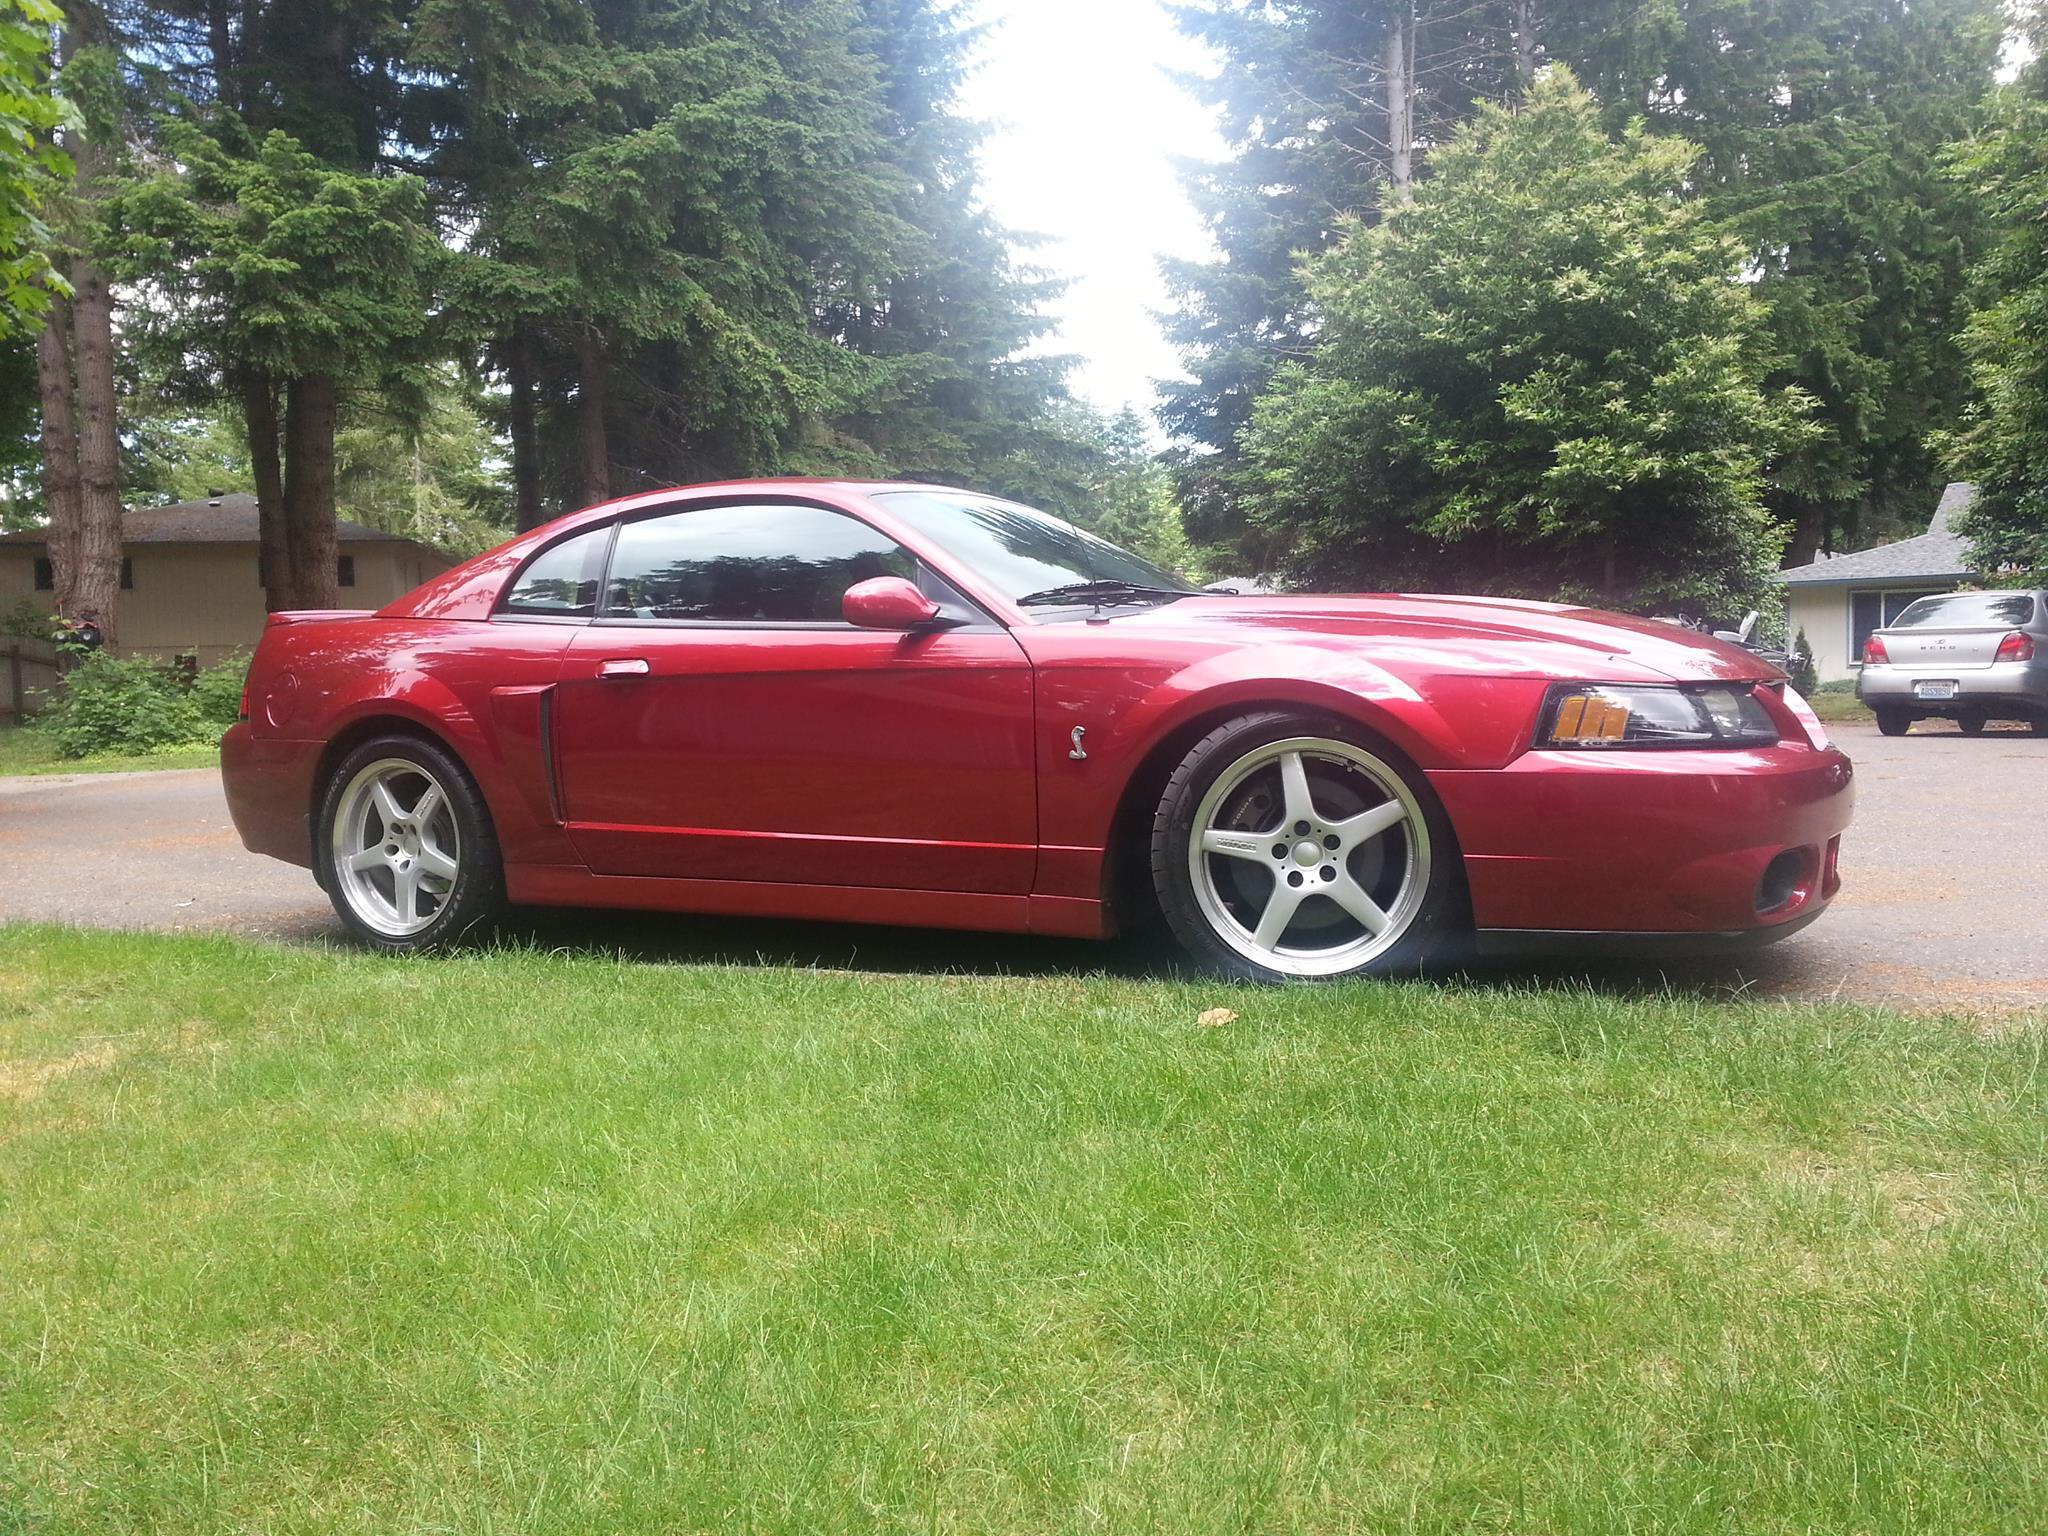 Jim Cassidy - Lacey, WA - 2003 Mustang Cobra